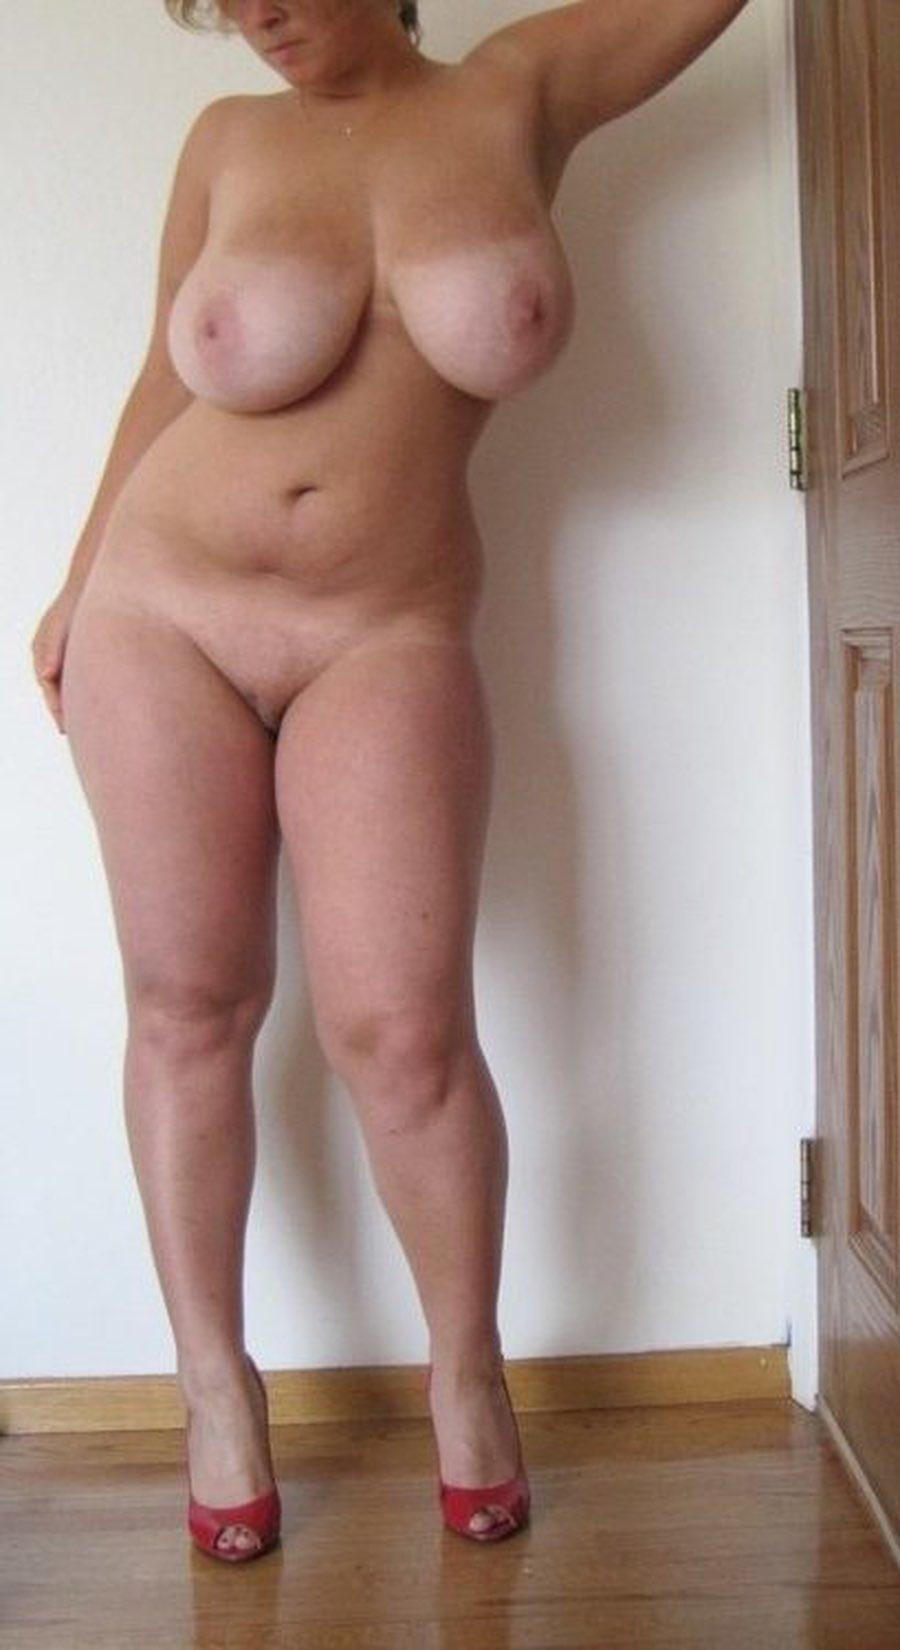 Une femme mature ronde pose nue